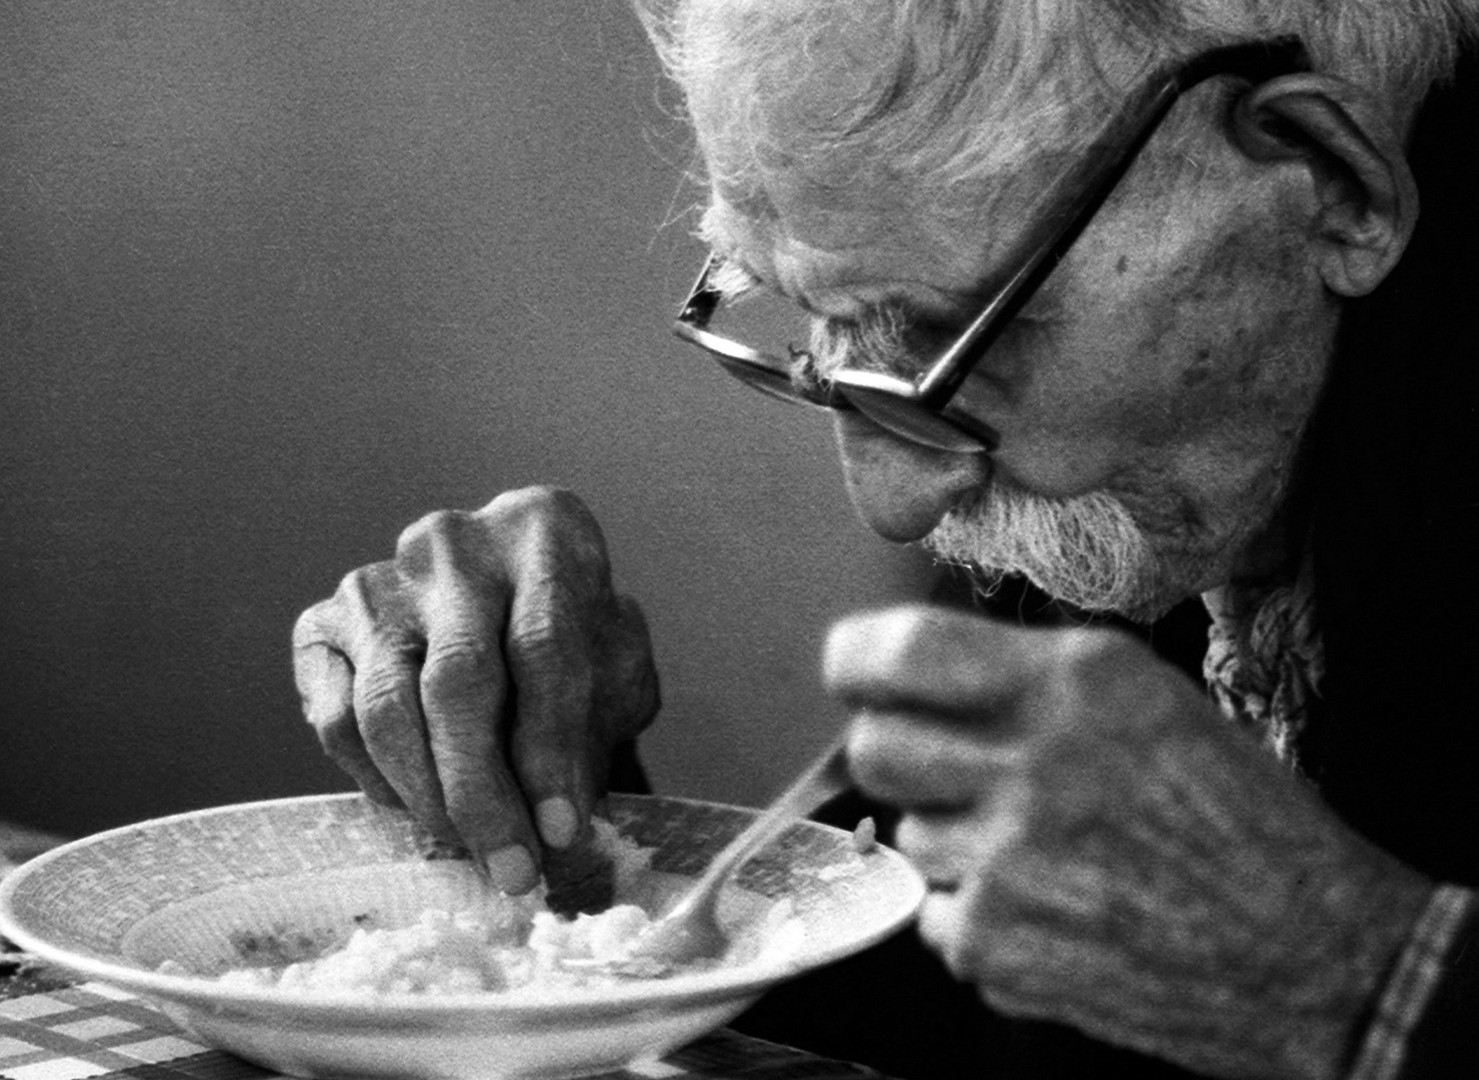 El plato de arroz.